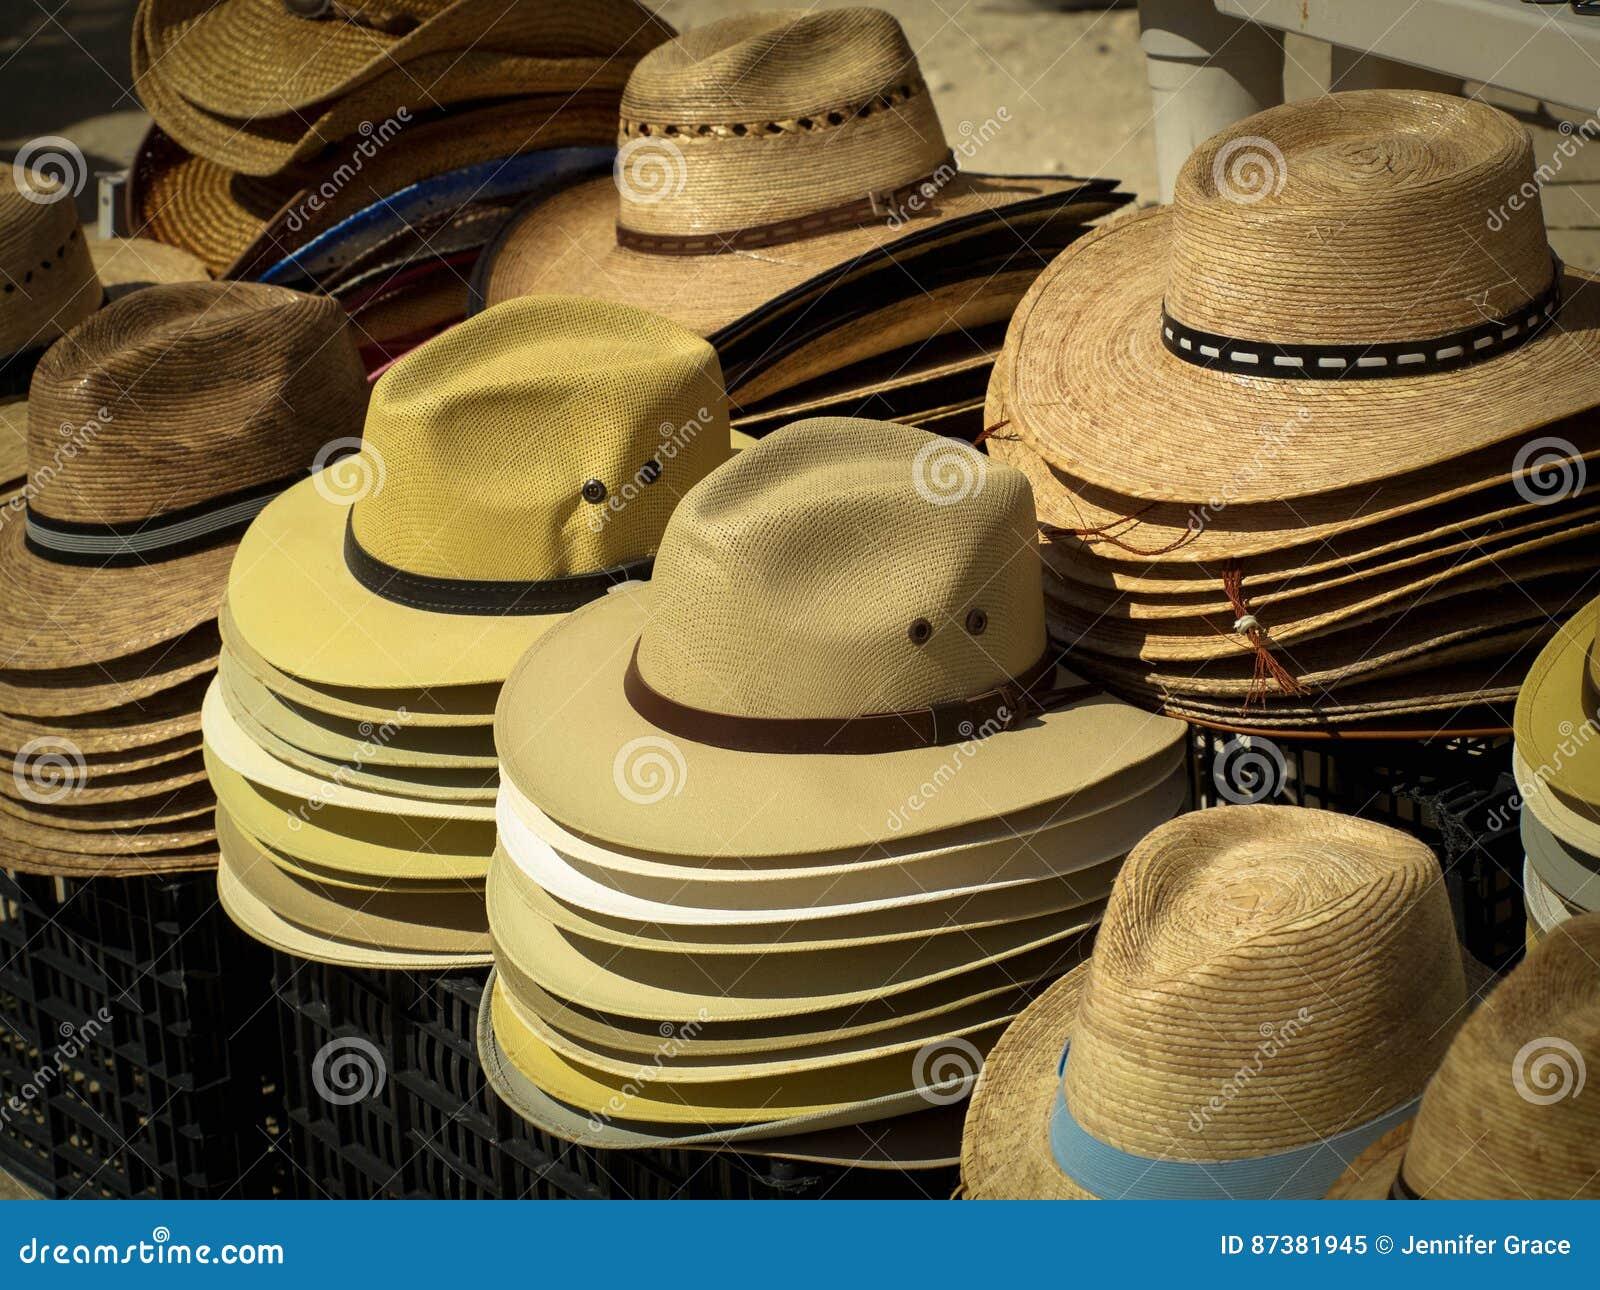 ca4e2ee03d Sombreros para las ventas imagen de archivo. Imagen de ventas - 87381945